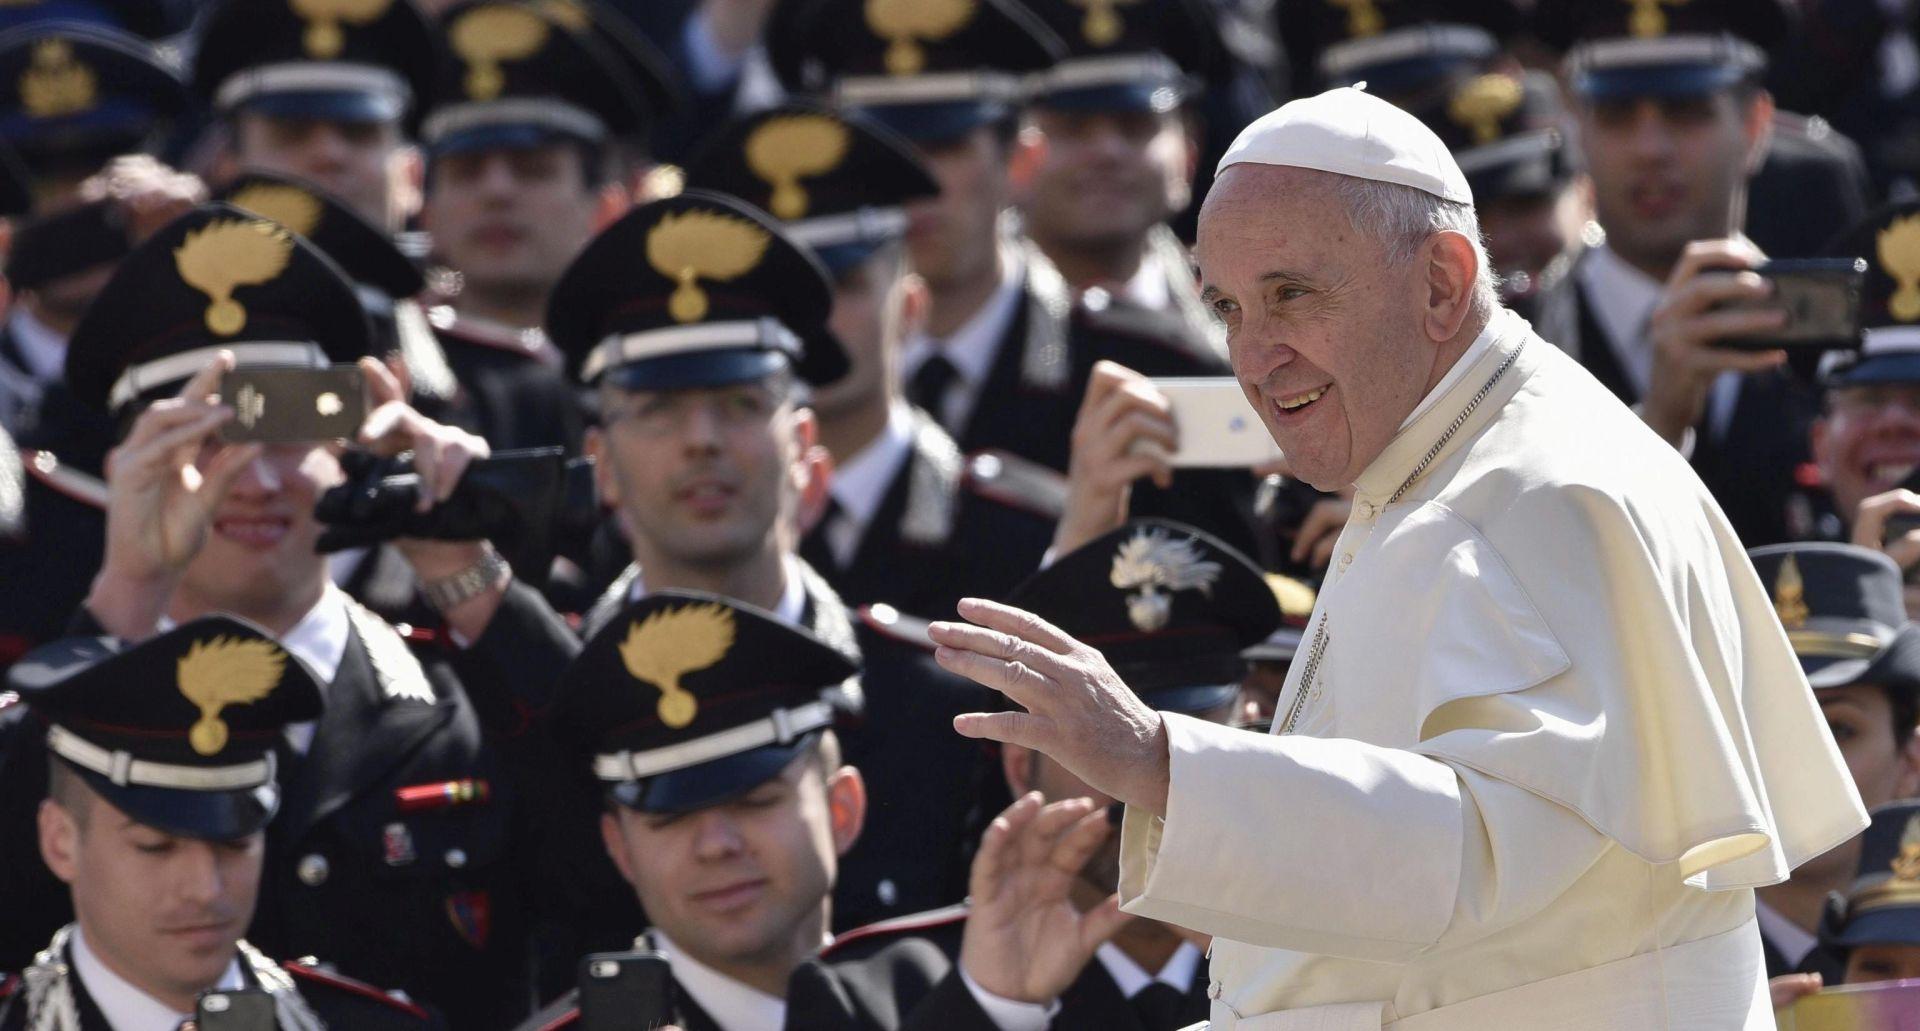 Vatikan umanjuje nade da će Papa dopustiti zaređivanje žena za đakone